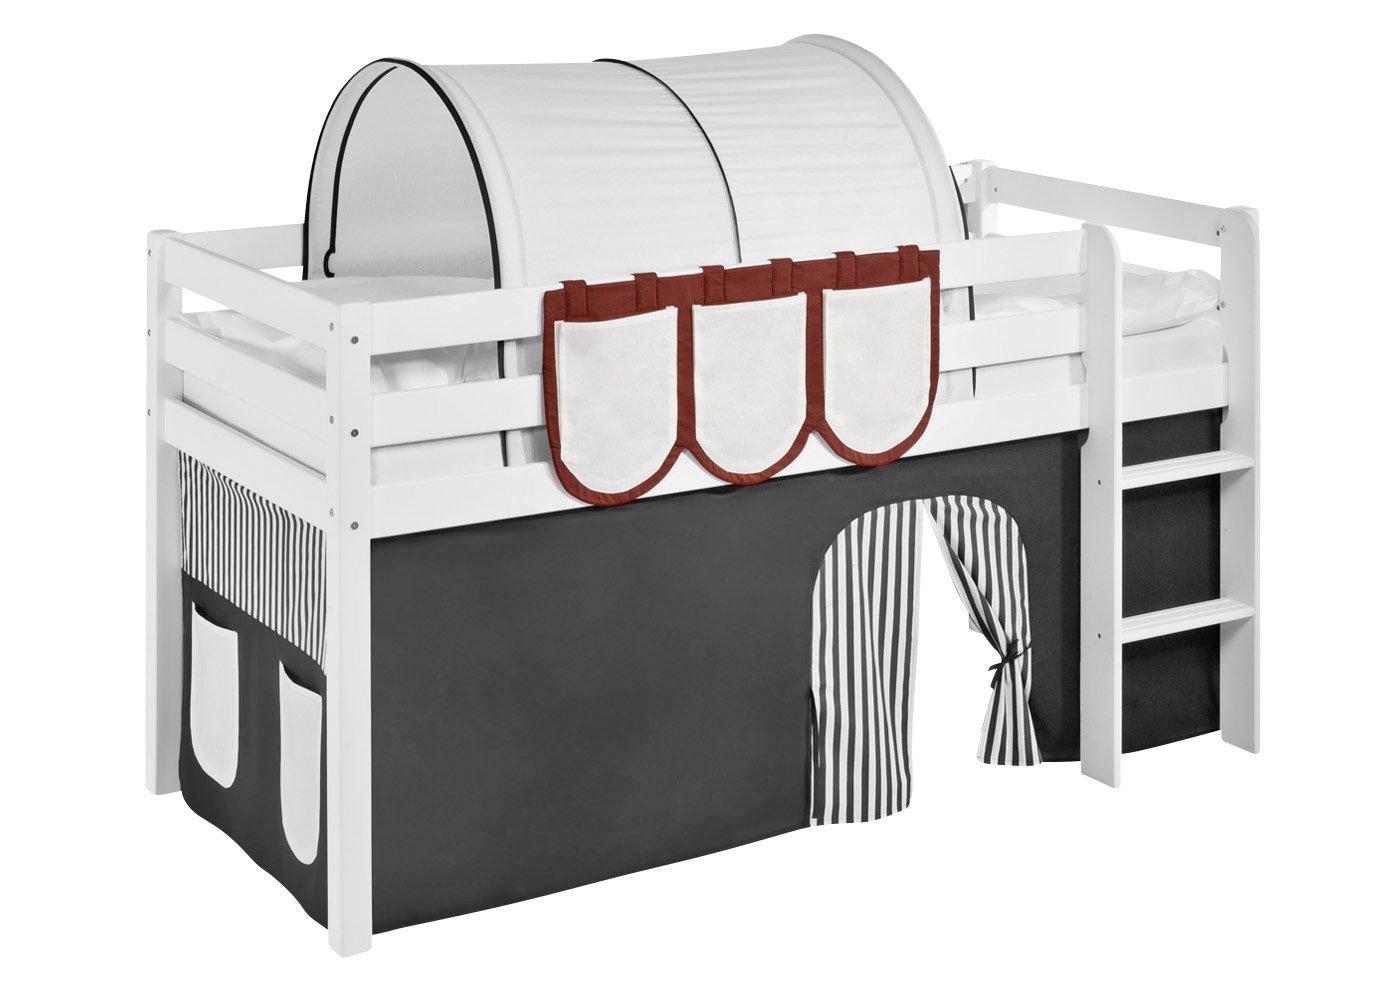 Lilokids Hängetaschen Braun Beige – für Hochbett, Spielbett und Etagenbett günstig bestellen